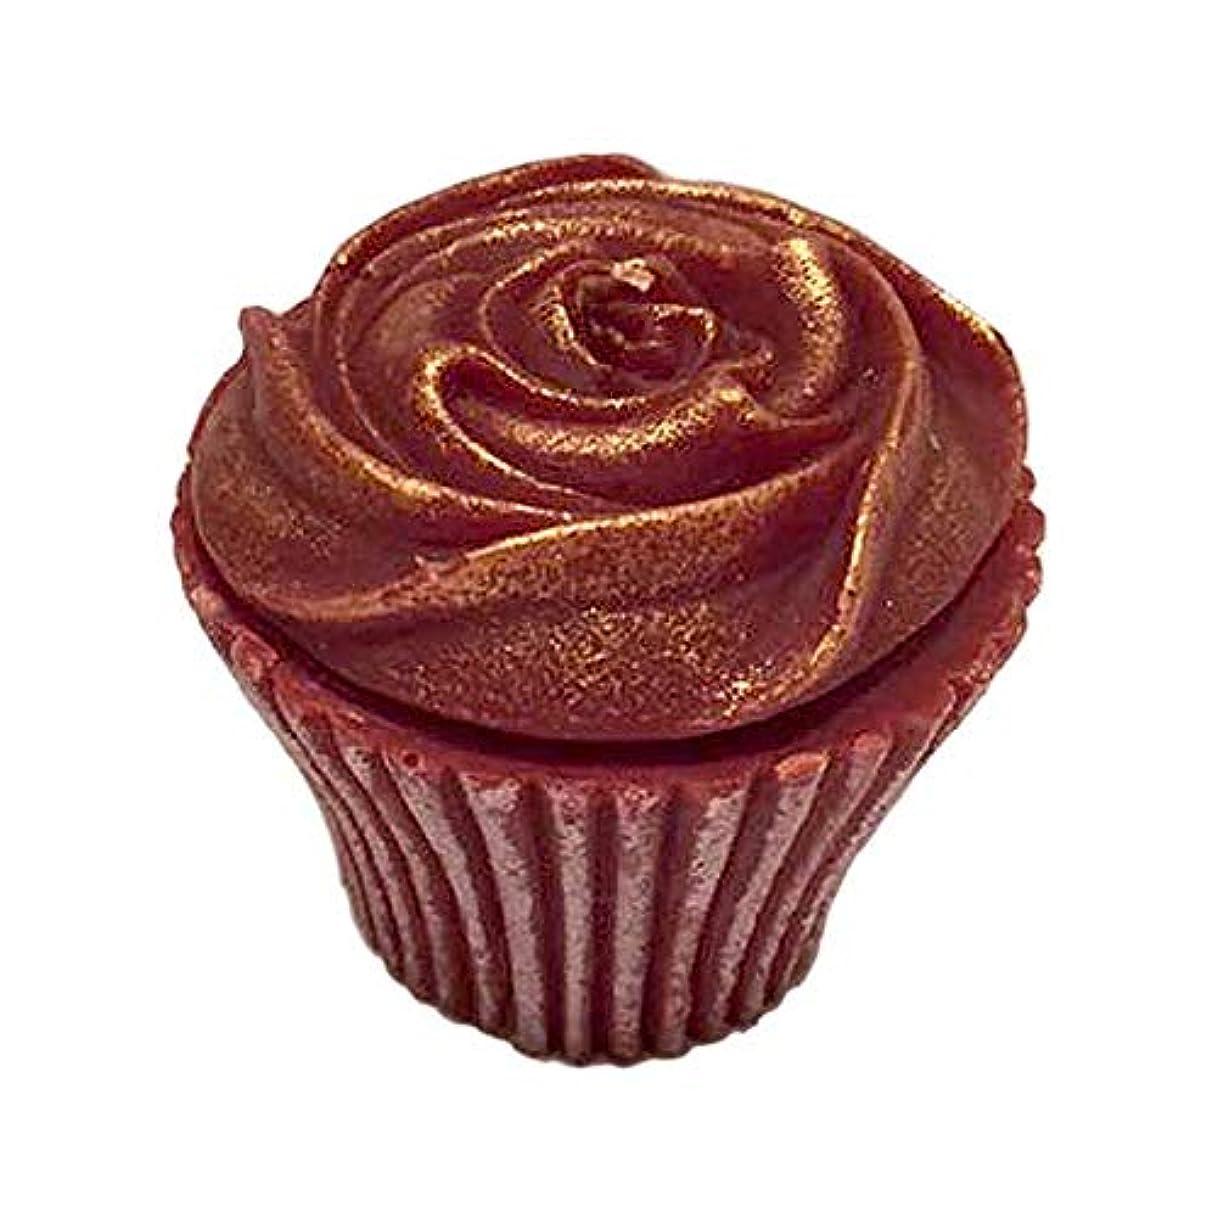 周術期全能同等のカップケーキ (C)